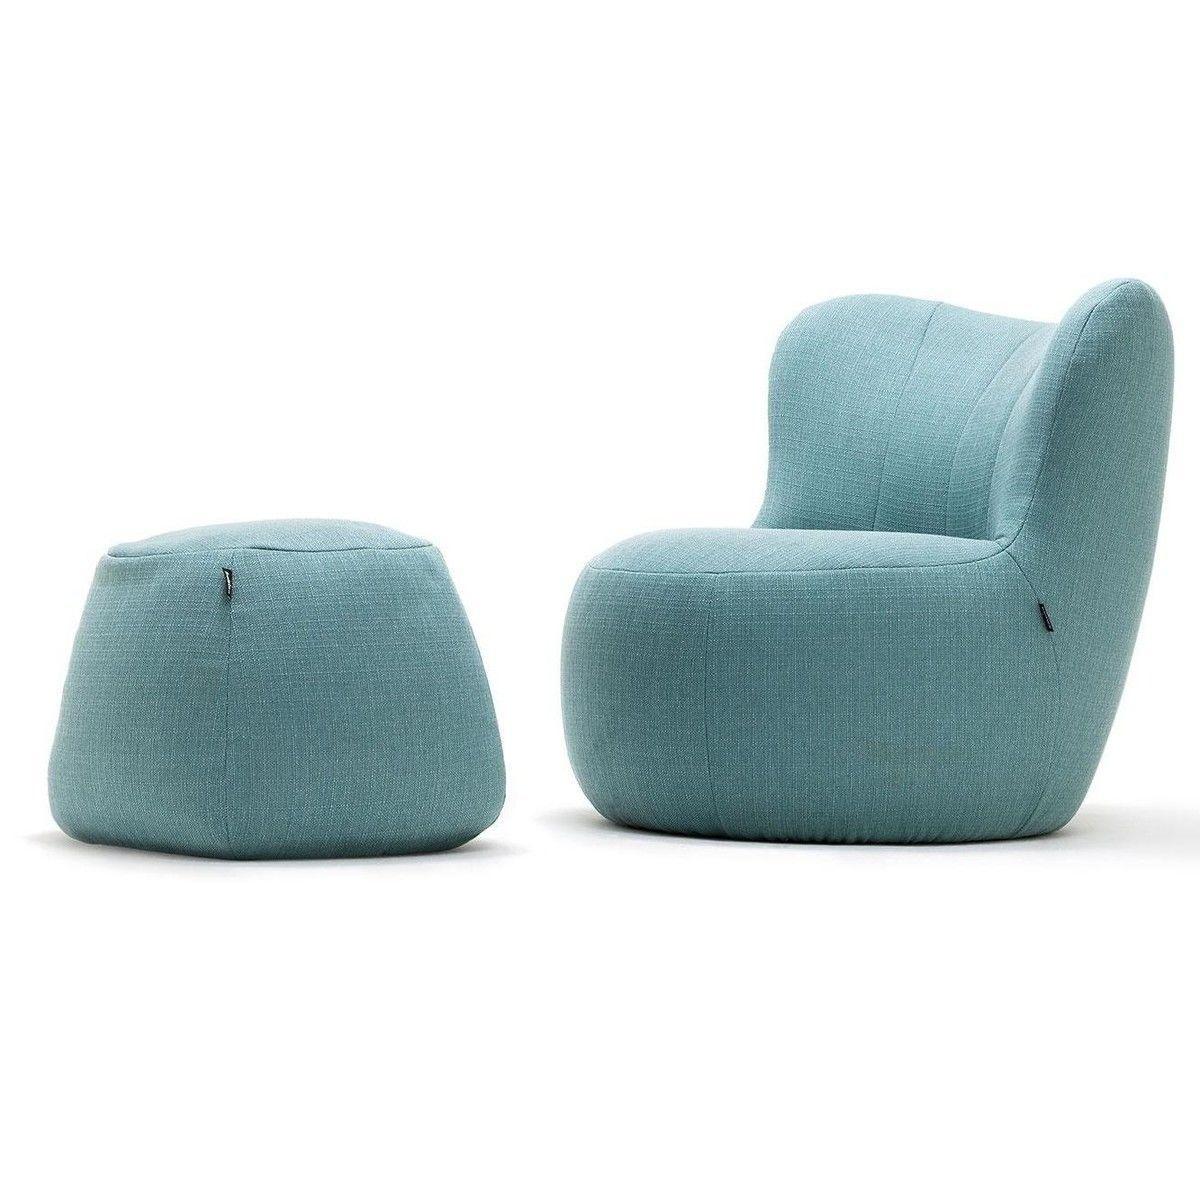 freistil 173 pouf freistil rolf benz. Black Bedroom Furniture Sets. Home Design Ideas